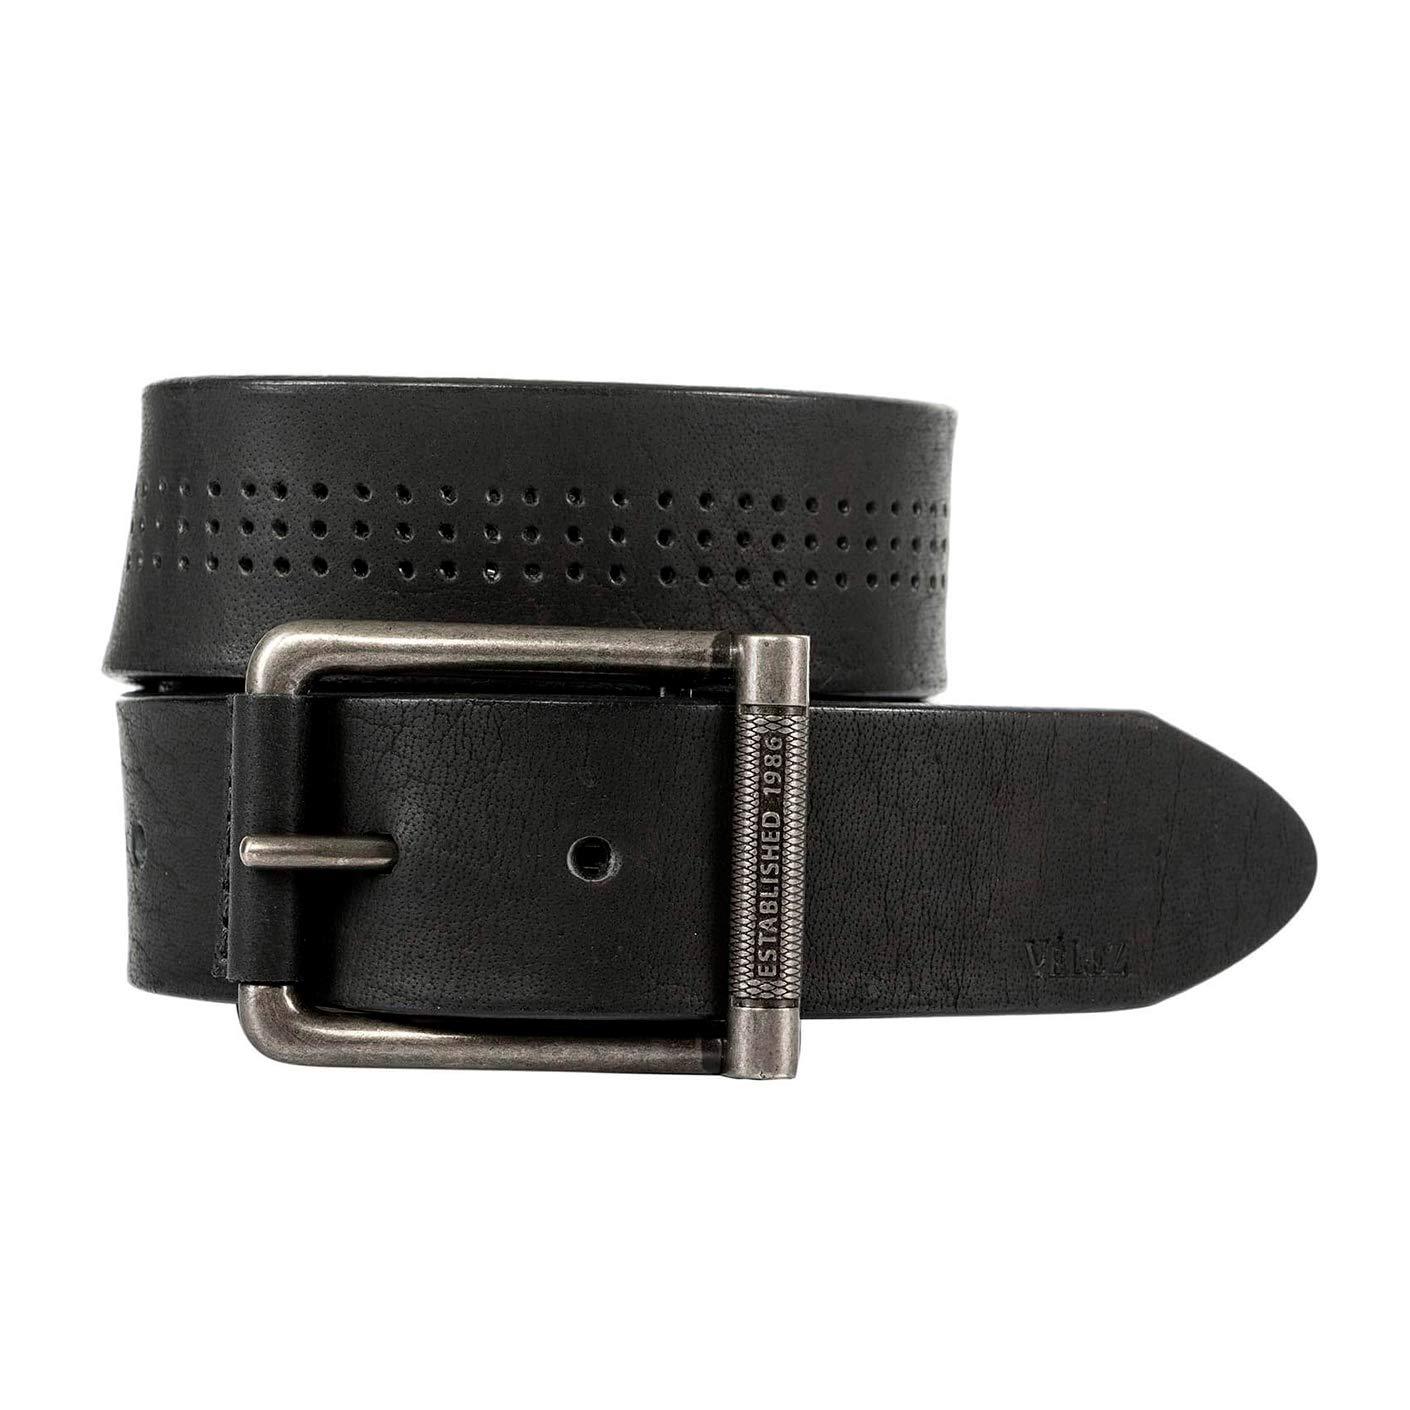 VELEZ Mens Leather Jean Belts Cinturones Casuales de Cuero Para Hombres